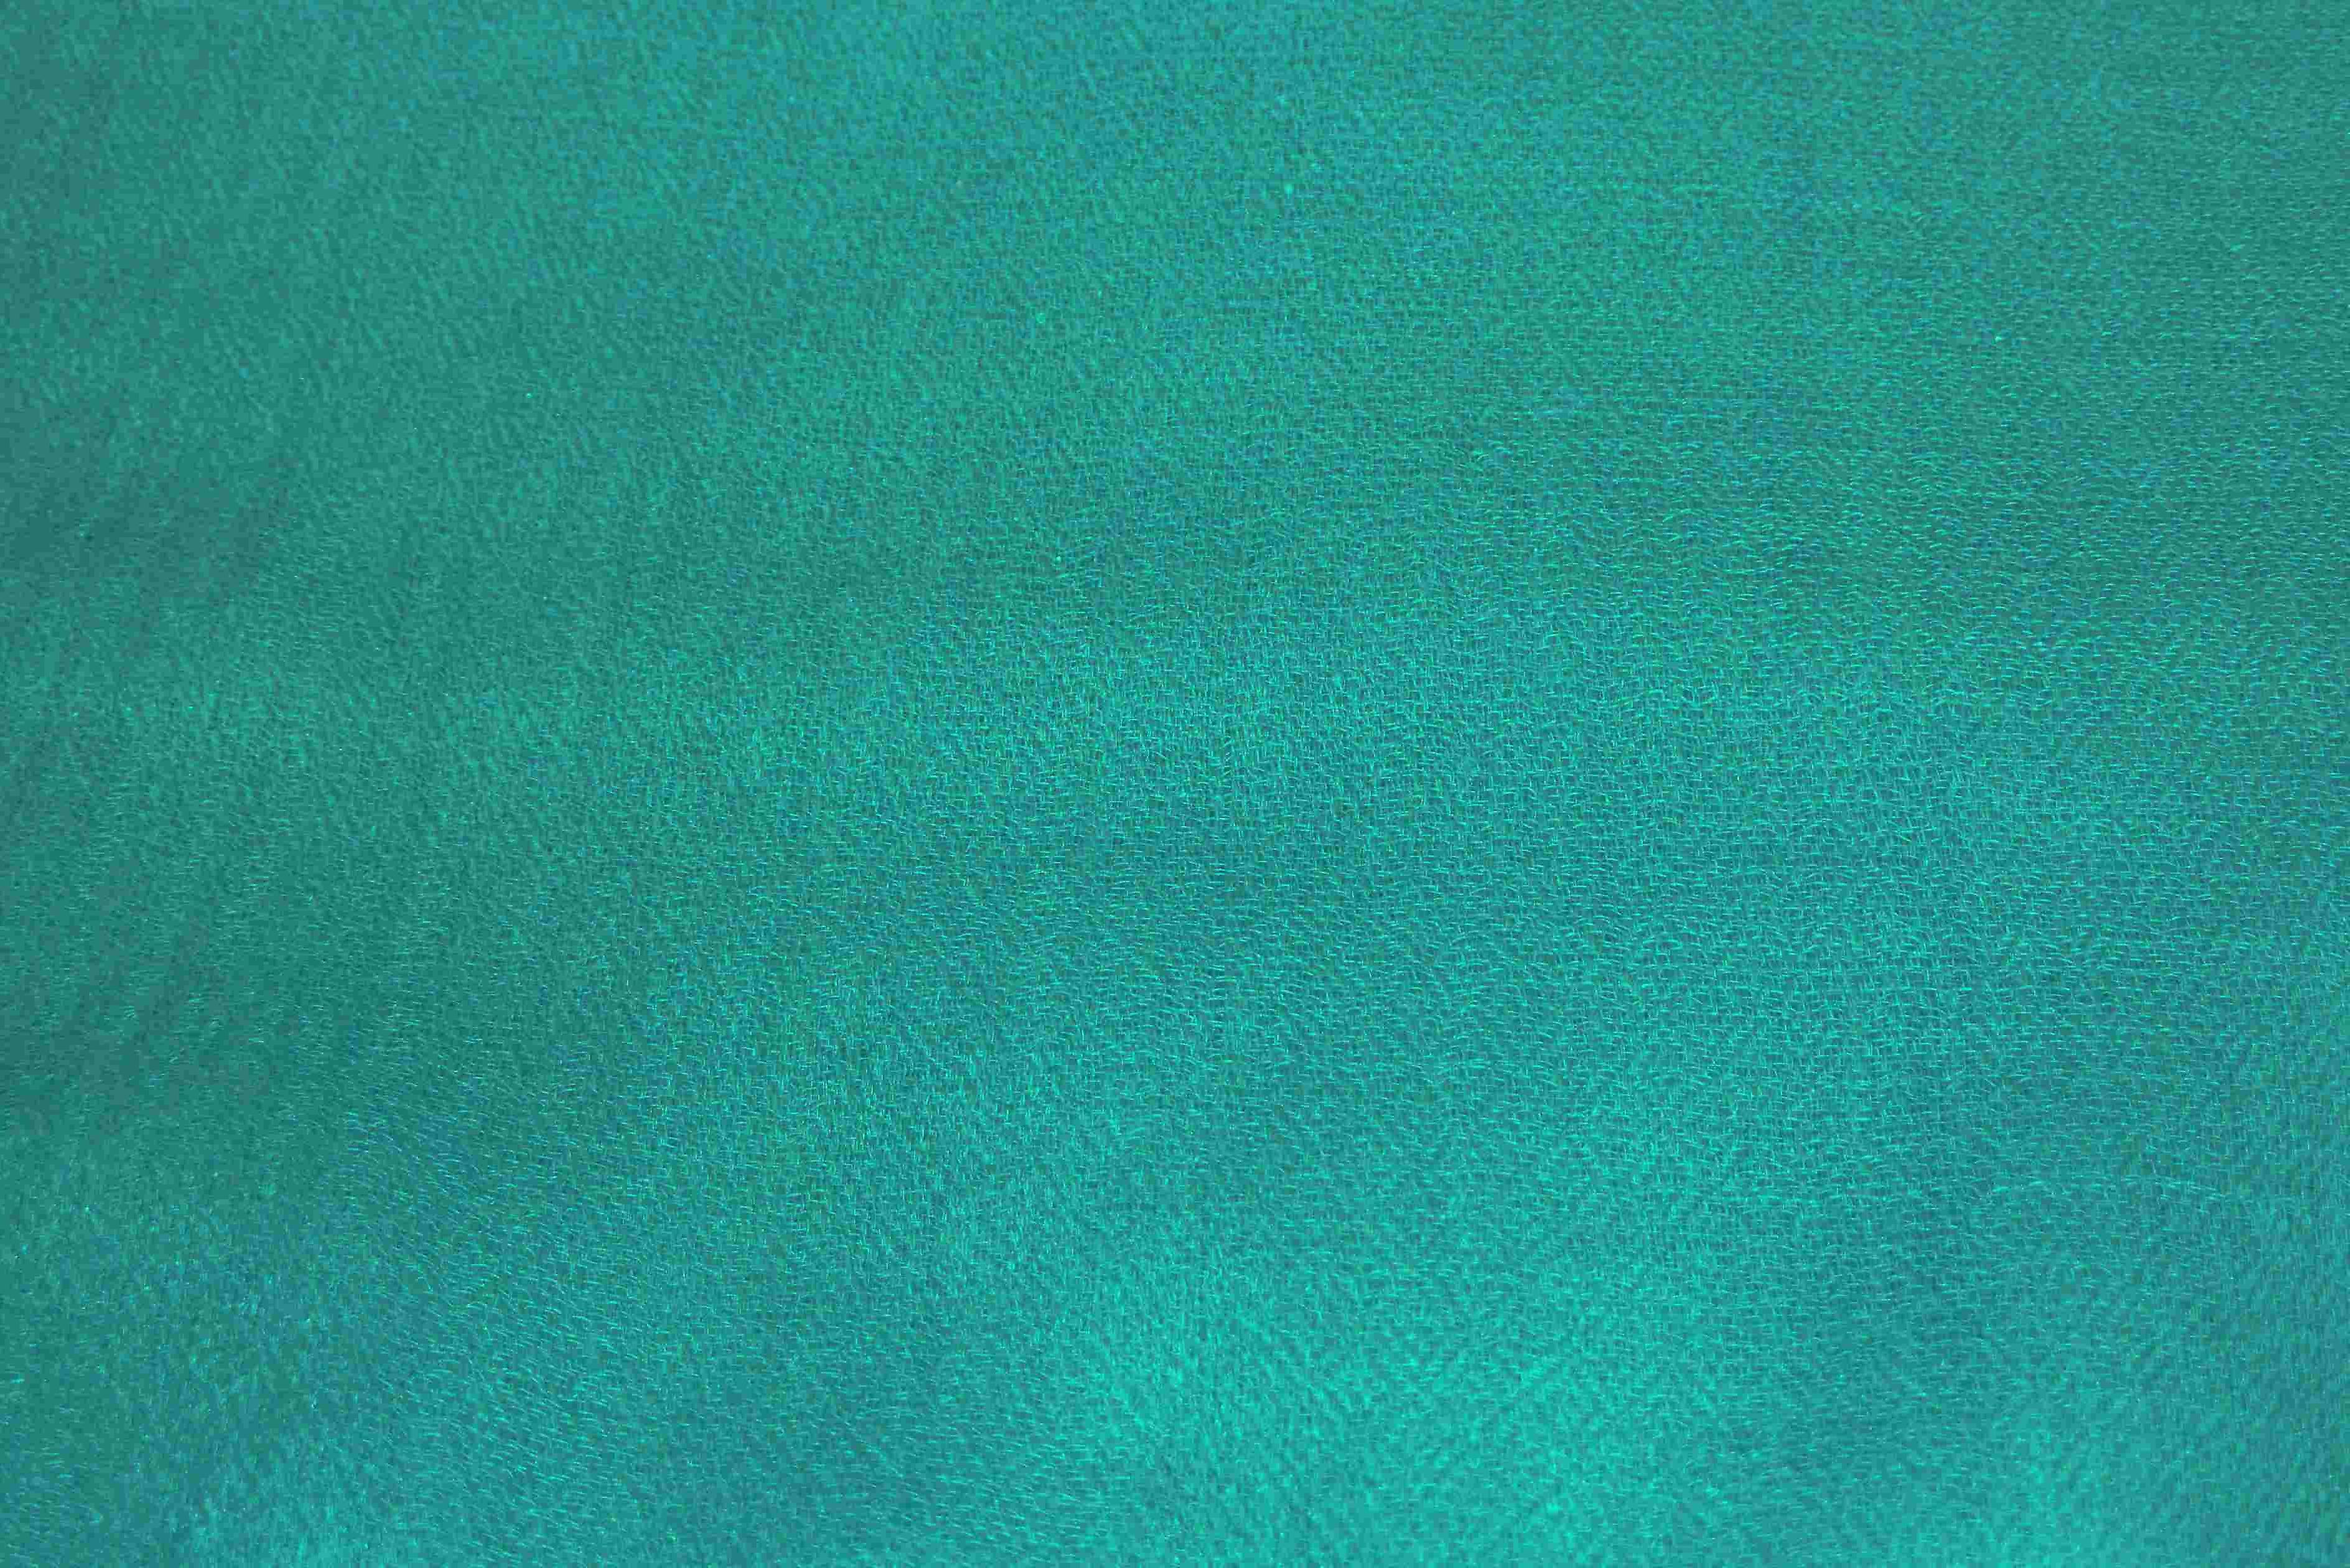 Fine Cashmere Scarf Karakoram Birds-Eye Weave Ocean  by Pashmina & Silk